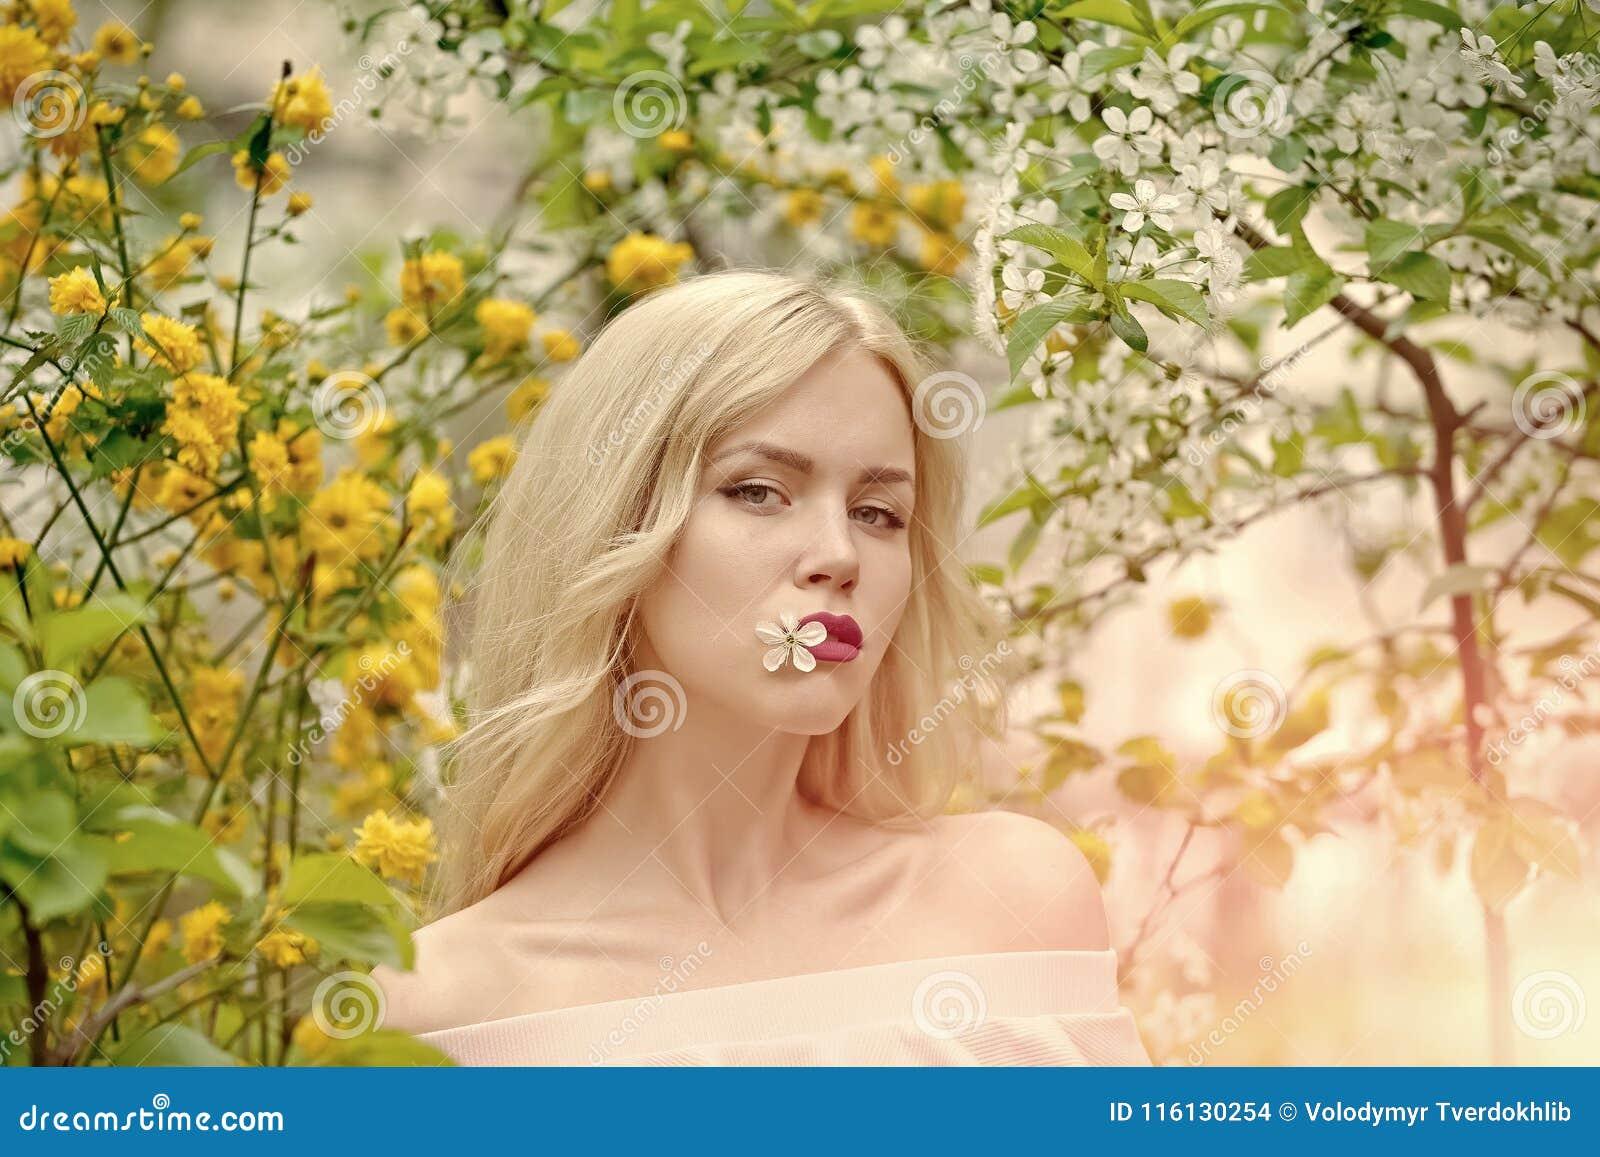 Bellezza, gioventù e freschezza in primavera, pasqua